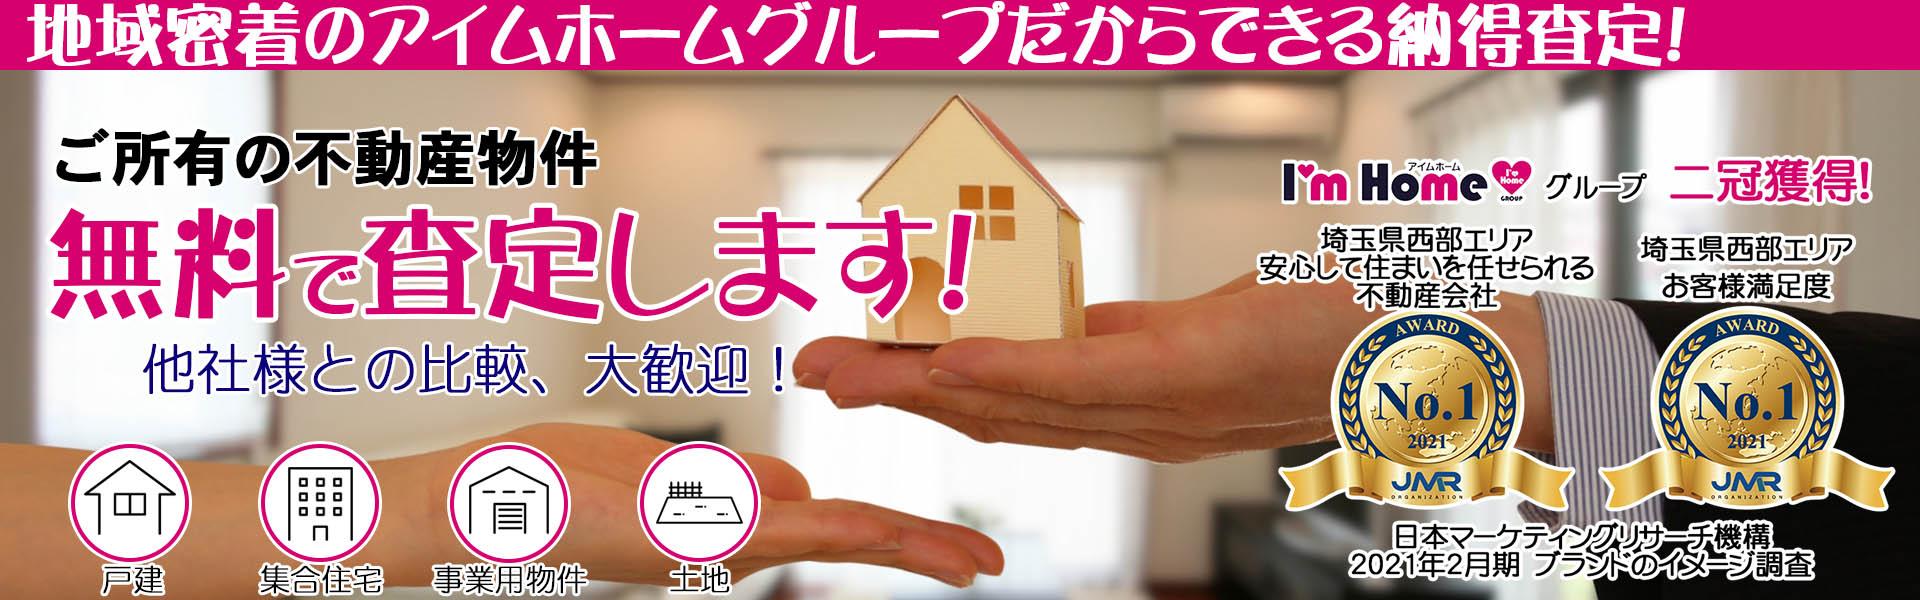 戸建、マンション、土地、アパート 不動産の売却、買取査定は日高ハウジングプラザ